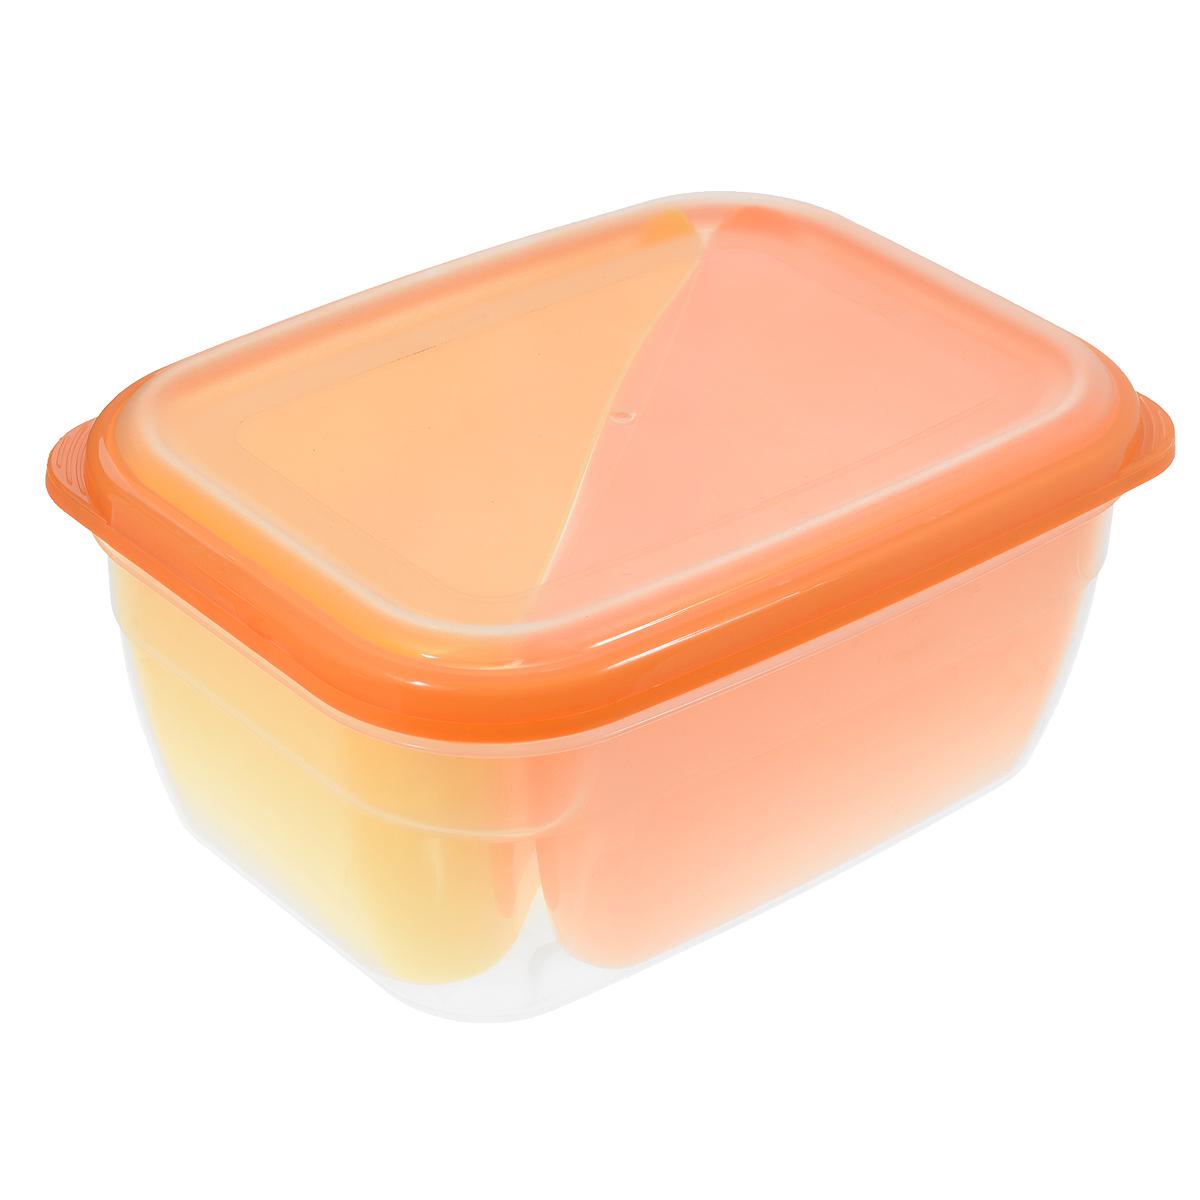 Контейнер-менажница для СВЧ Полимербыт, цвет: оранжевый, желтый, 1,8 л54 009312Контейнер-менажница для СВЧ Полимербыт изготовлен из высококачественного прочного пластика, устойчивого к высоким температурам (до +120°С). Крышка плотно закрывается, дольше сохраняя продукты свежими и вкусными. Контейнер снабжен 2 цветными съемными секциями, которые позволяют хранить сразу несколько продуктов или блюд. Он идеально подходит для хранения пищи, его удобно брать с собой на работу, учебу, пикник или просто использовать для хранения пищи в холодильнике.Можно использовать в микроволновой печи и для заморозки в морозильной камере. Можно мыть в посудомоечной машине. Объем секции: 0,75 л.Размер секции: 15 см х 11 см х 8 см.Объем контейнера: 1,8 л.Размер контейнера: 20 см х 14,5 см х 8,5 см.